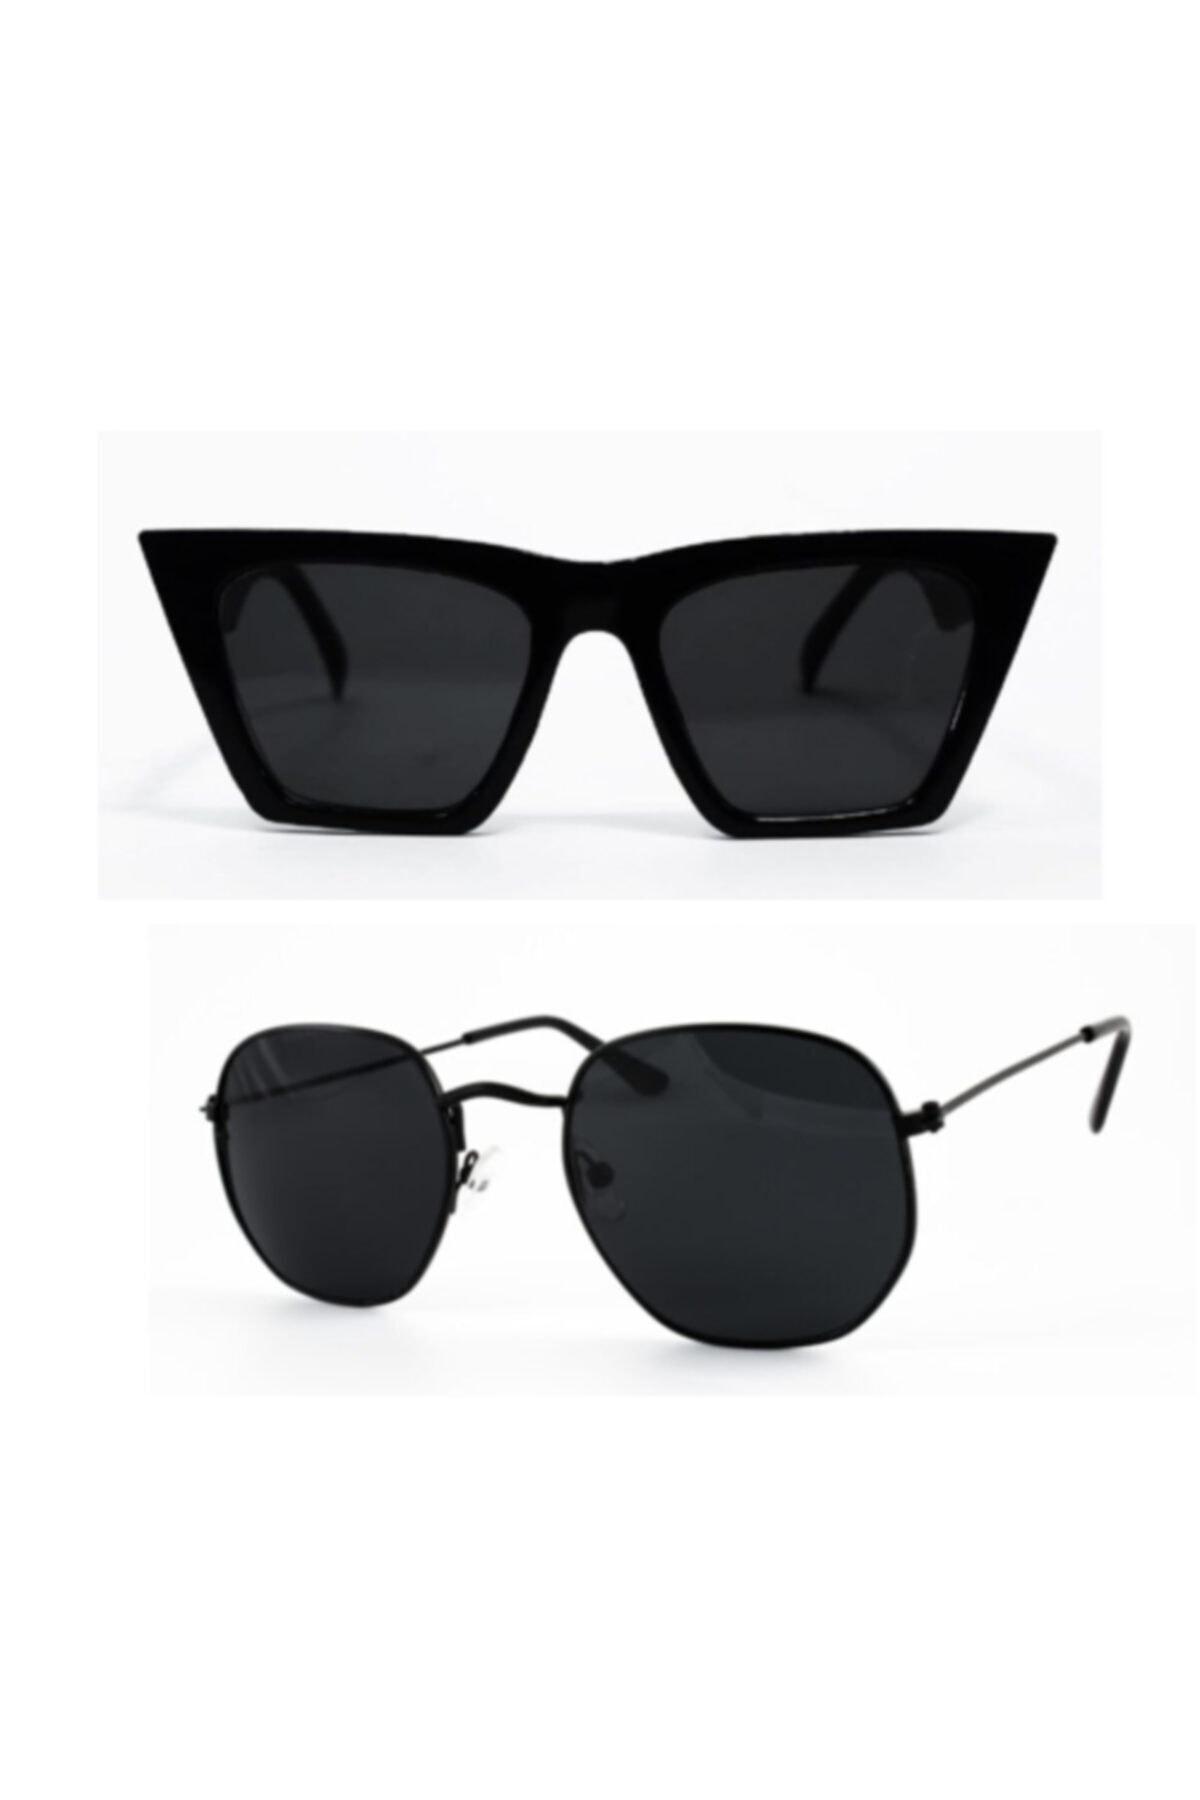 فروش عینک آفتابی زنانه 2020 برند modaisleri رنگ مشکی کد ty54691613